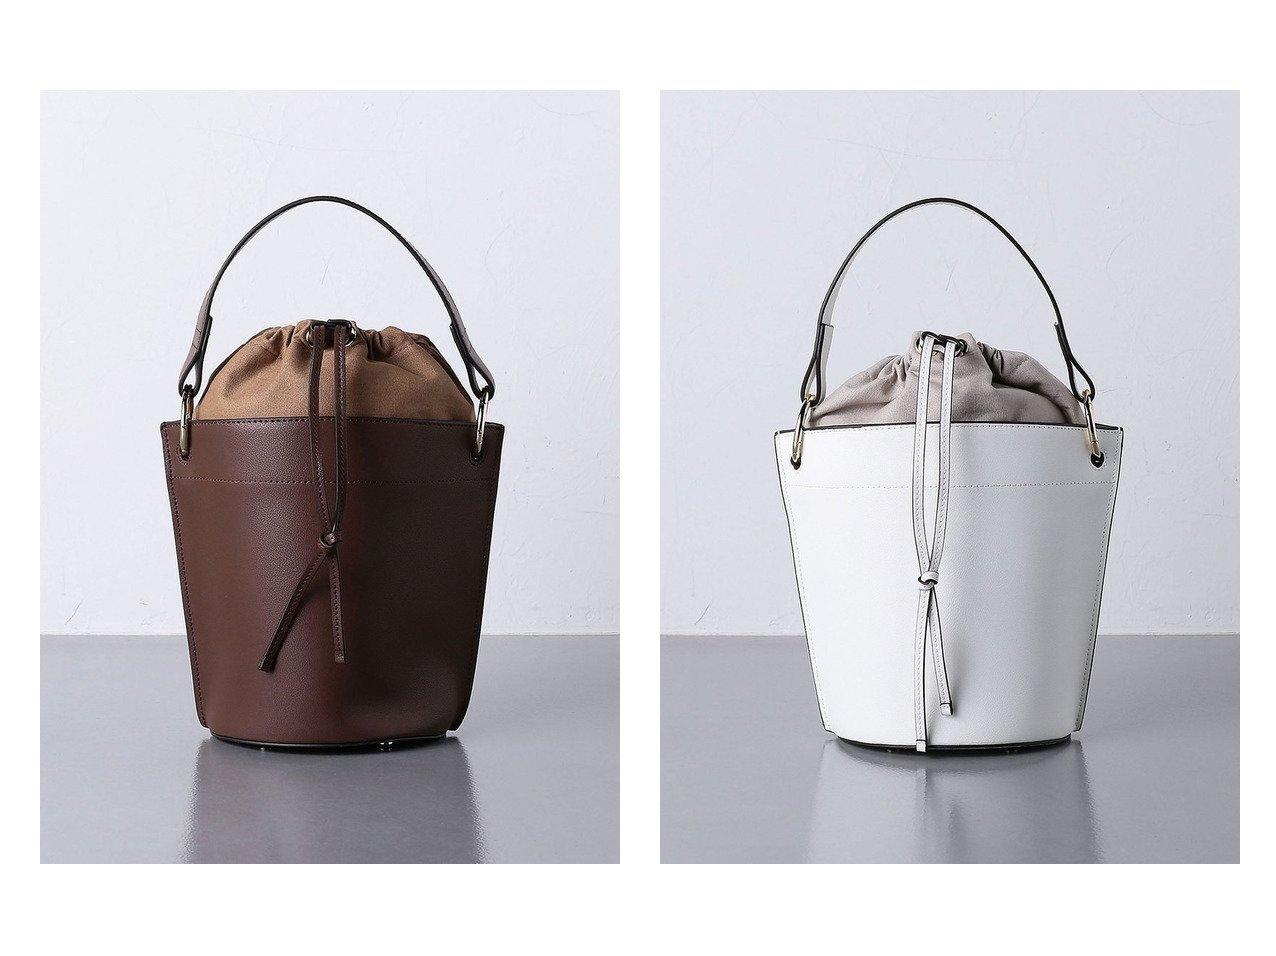 【UNITED ARROWS/ユナイテッドアローズ】のUNITED ARROWS ラウンド 2WAY ショルダーバッグ 【バッグ・鞄】おすすめ!人気、トレンド・レディースファッションの通販   おすすめで人気の流行・トレンド、ファッションの通販商品 インテリア・家具・メンズファッション・キッズファッション・レディースファッション・服の通販 founy(ファニー) https://founy.com/ ファッション Fashion レディースファッション WOMEN バッグ Bag ラウンド |ID:crp329100000064845